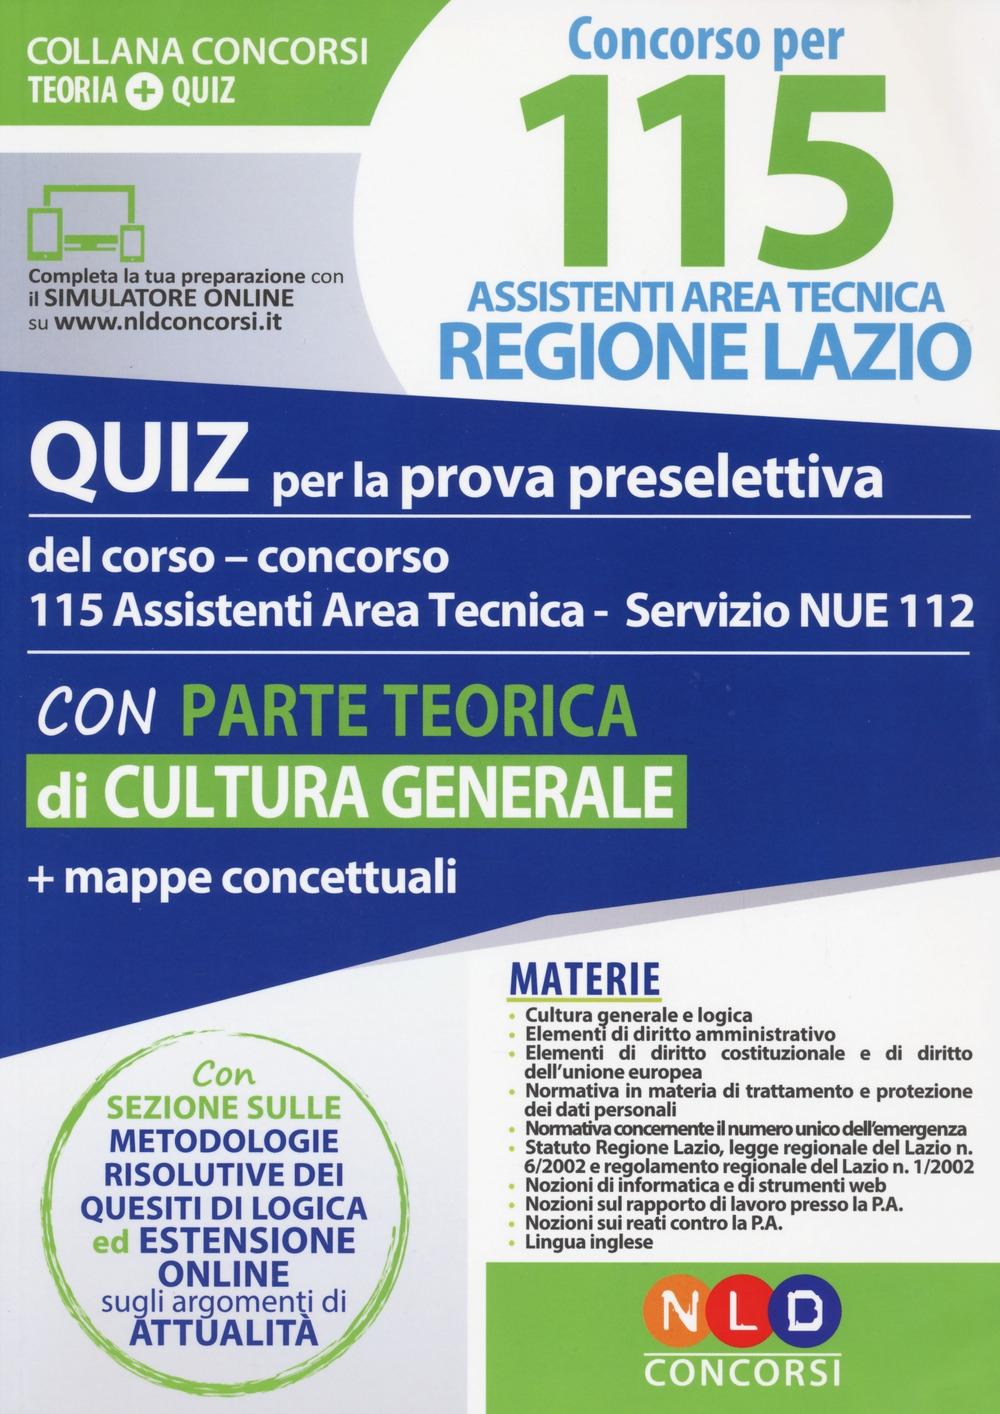 Concorso per 115 assistenti area tecnica Regione Lazio. Quiz per la prova preselettiva del corso-concorso 115 assistenti area tecnica servizio NUE 112. Con parte teorica di cultura generale e mappe concettuali. Con software di simulazione